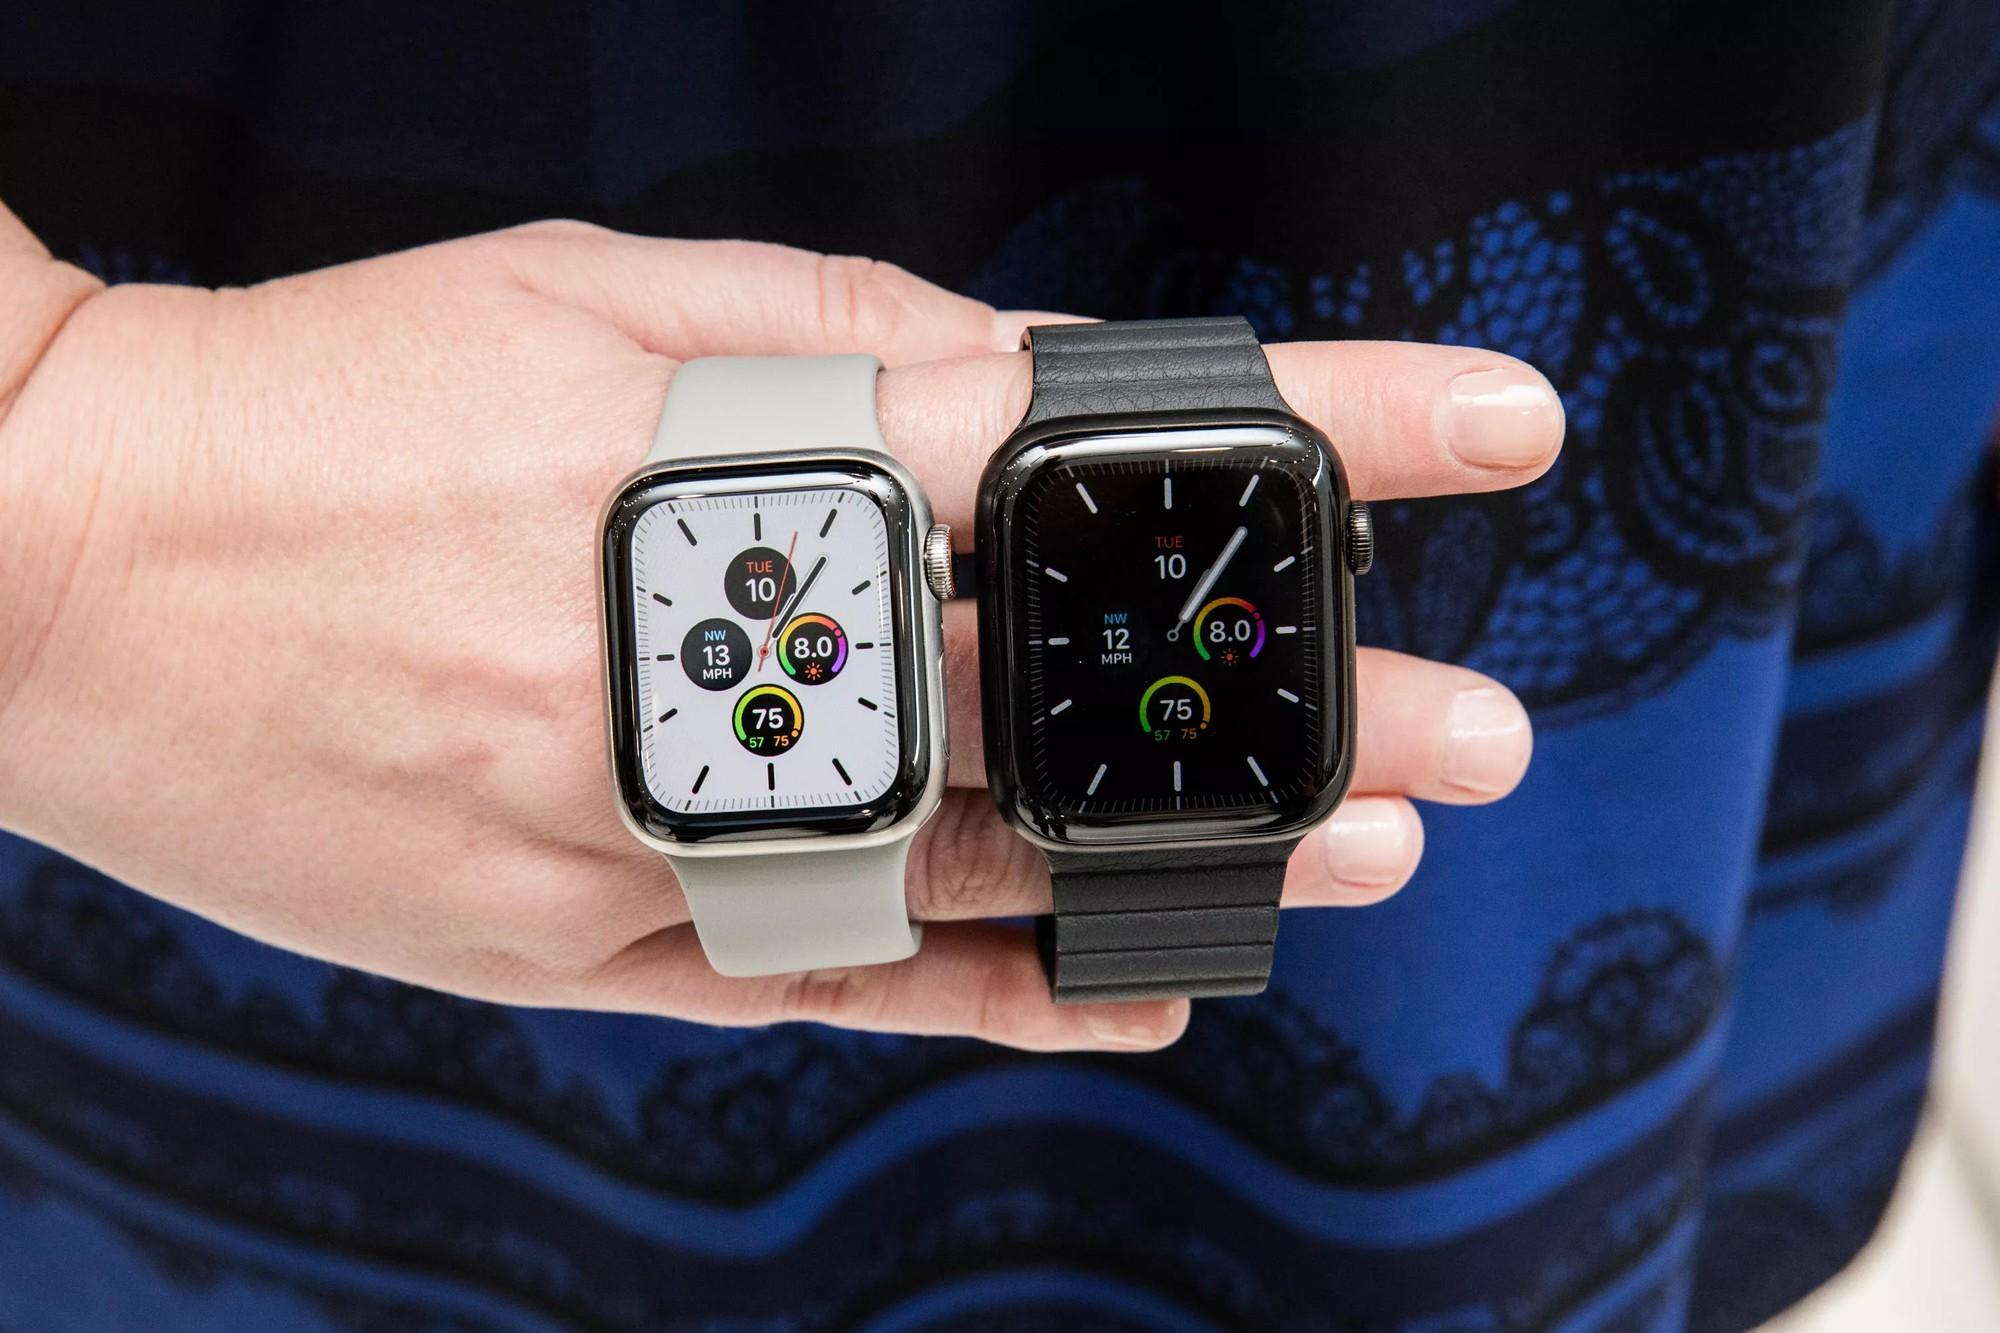 thi-truong-dong-ho-thong-minh-giam-gia-khi-apple-watch-series-5-len-ke-cung-iphone-11-1